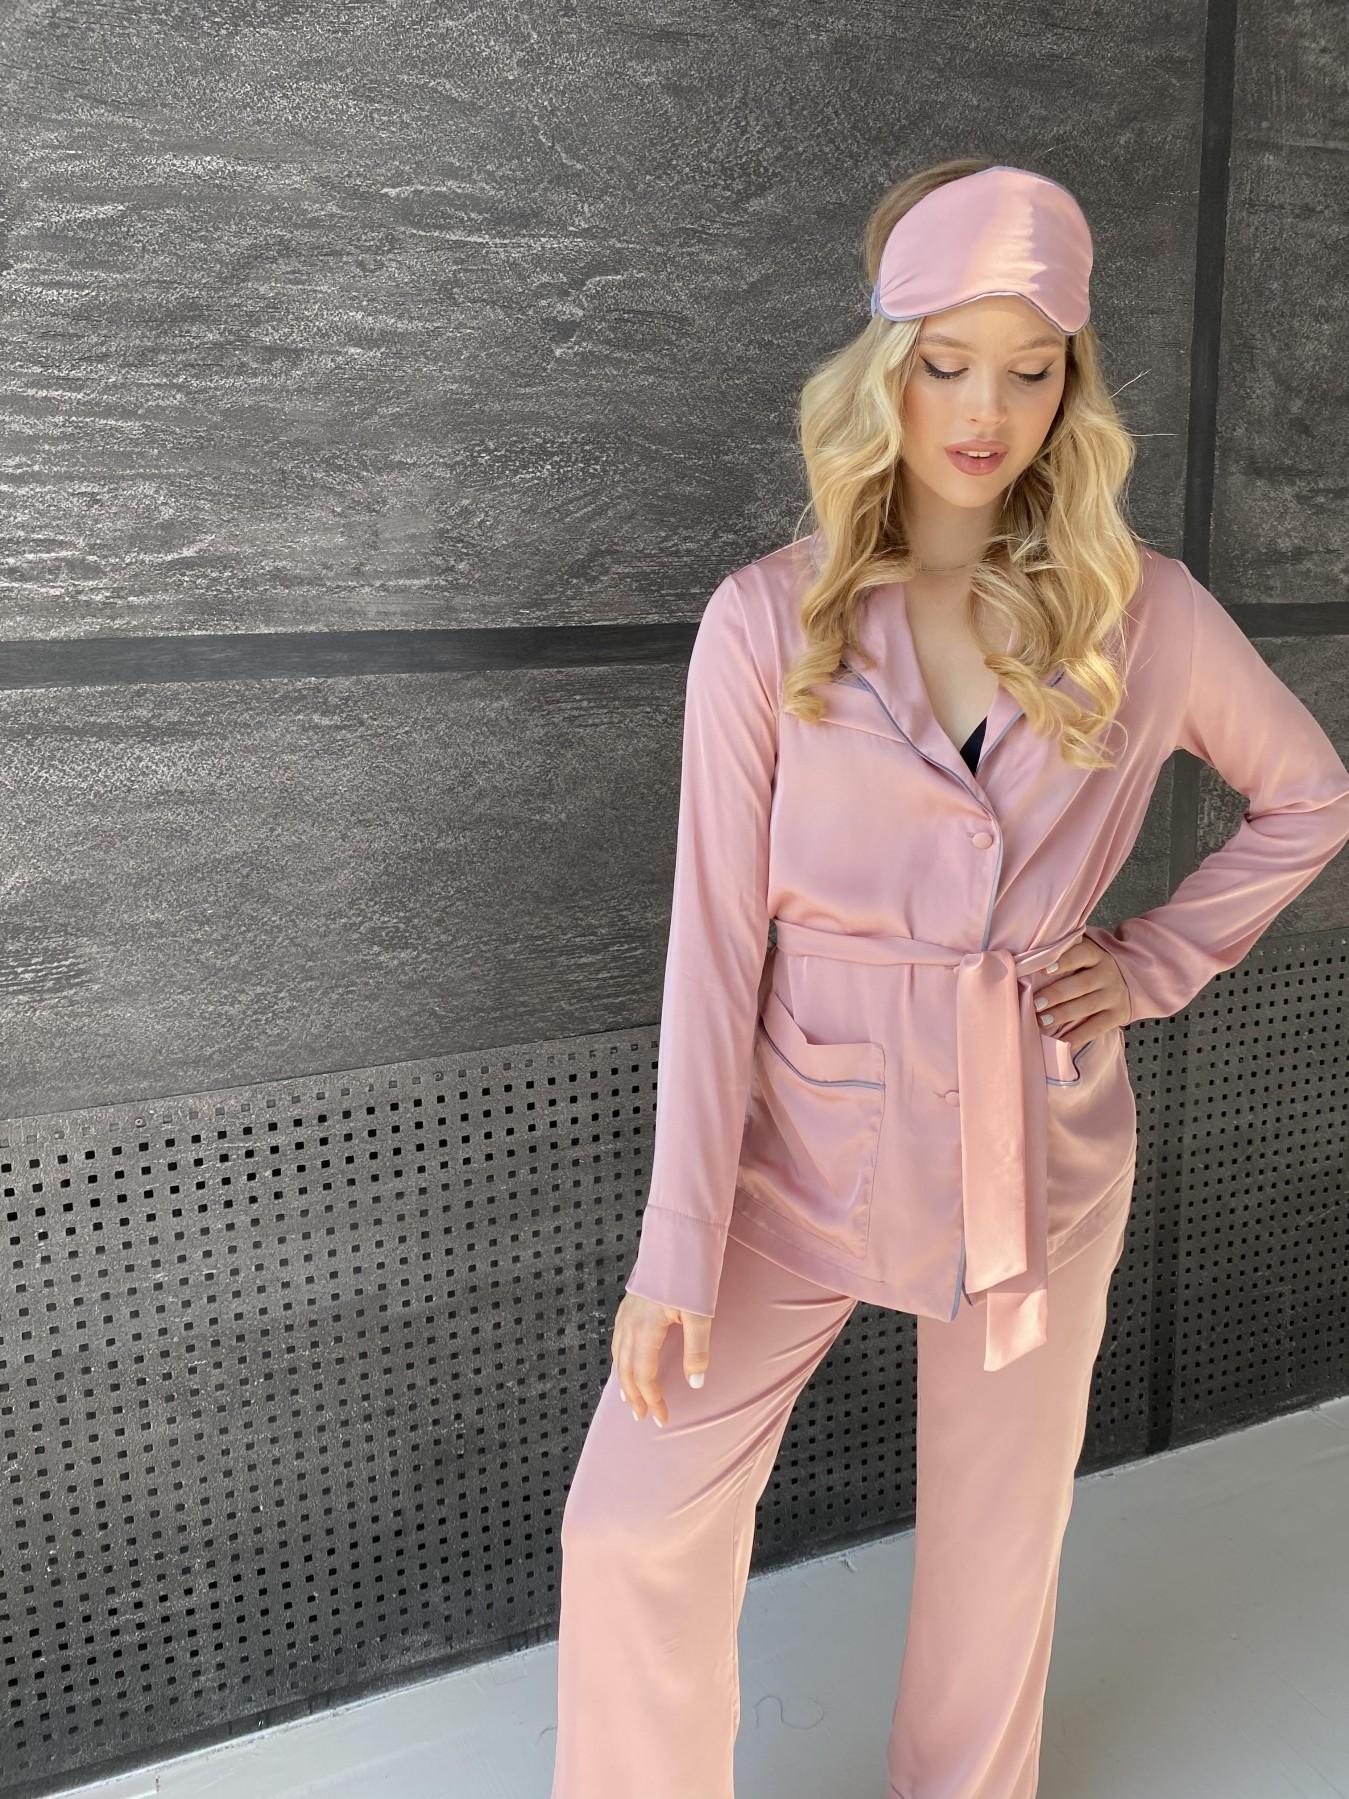 Шайн костюм из шелка  10778 АРТ. 47213 Цвет: Розовый - фото 5, интернет магазин tm-modus.ru